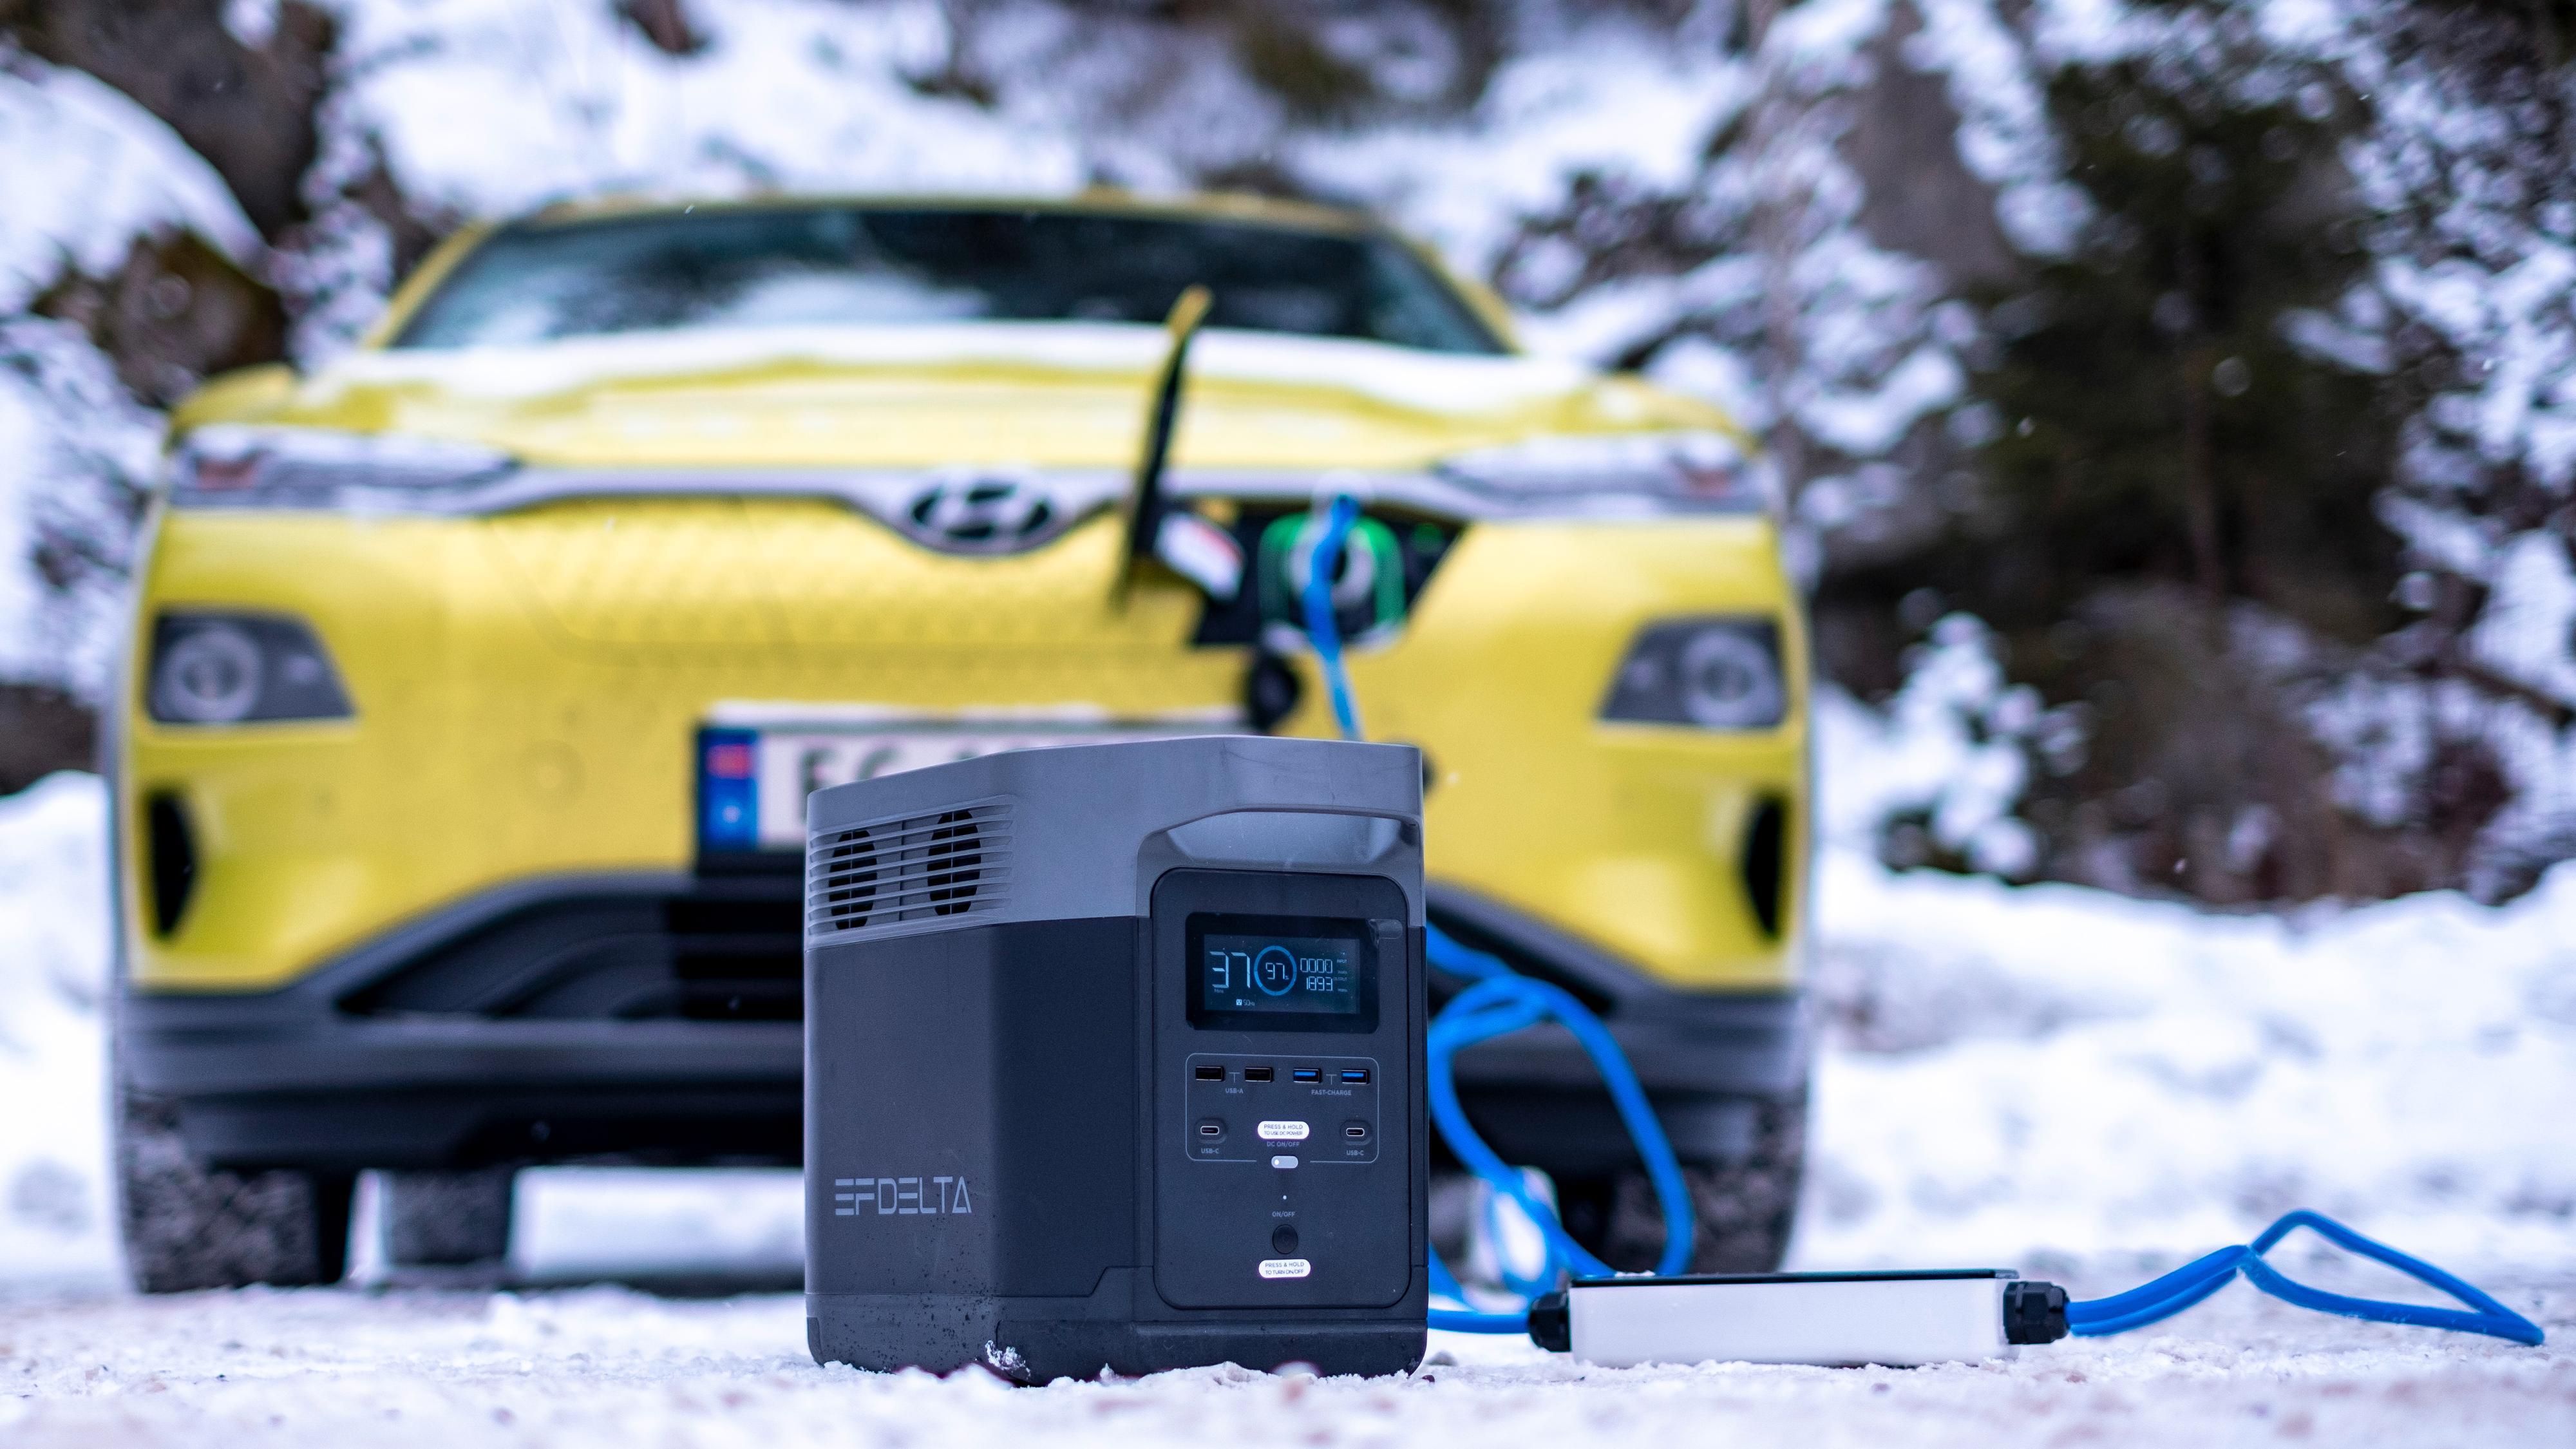 Delta 1300 skal kunne gi opptil 8 kilometer ekstra rekkevidde på en elbil. Det er ikke det typiske bruksområdet for batteriet, men såpass tett som det er mellom ladestasjonene i Norge kan en slik batteripakke i bagasjerommet være det som skal til for at en helt tom bil kommer seg de siste meterne til en reddende (hurtig)lader.